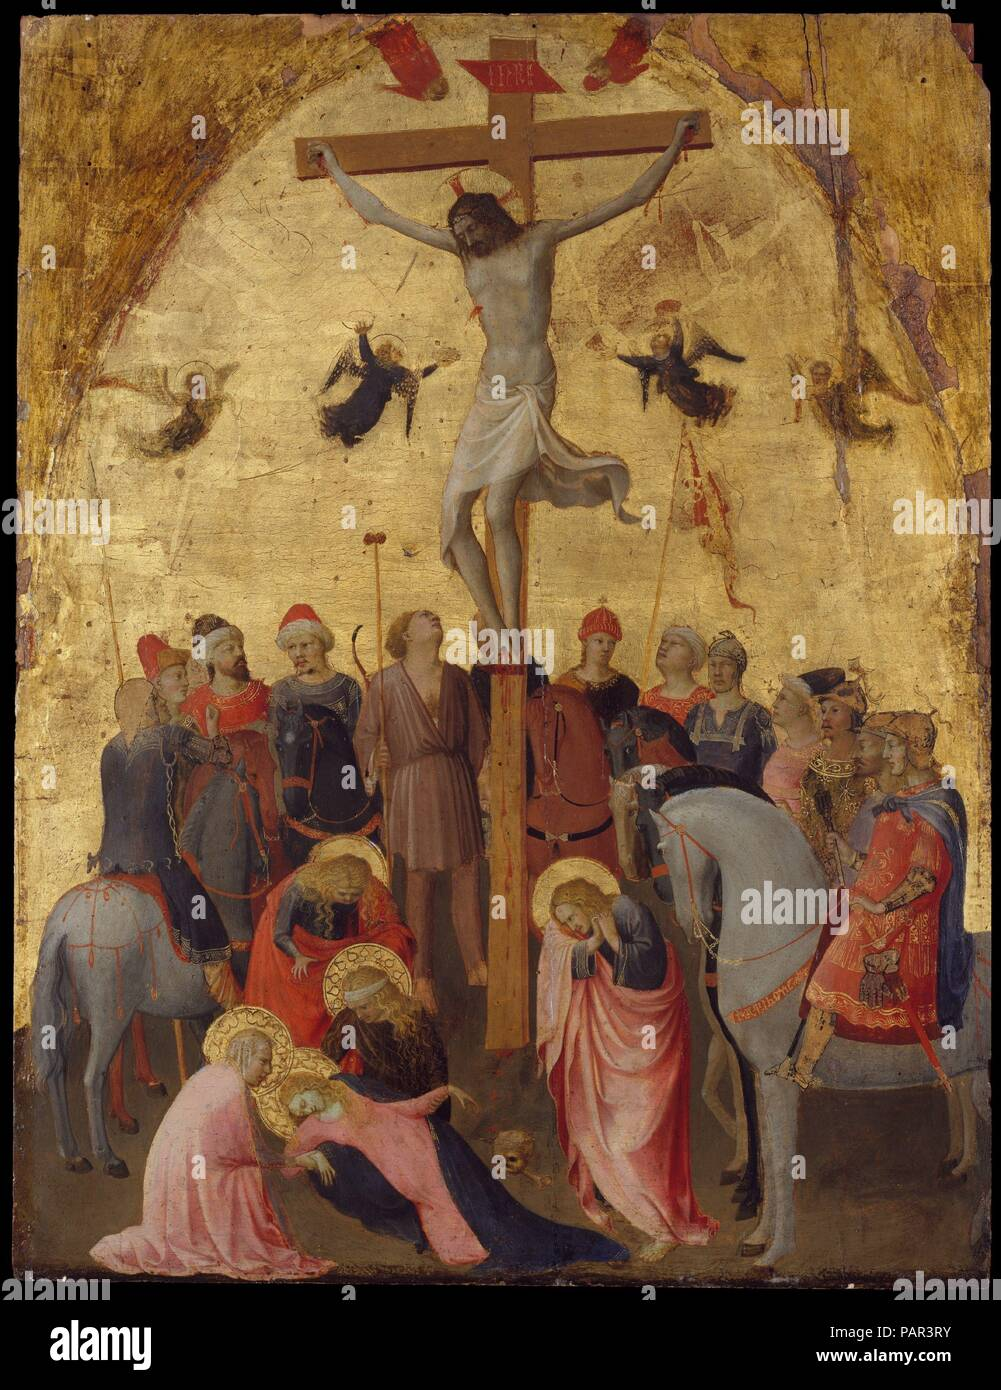 La Crucifixion. Artiste: Fra Angelico (Guido di Pietro (Italien), Vicchio di Mugello ca. Rome 1395-1455). Dimensions: 25 1/8 x 19 in. (63,8 x 48,3 cm). Date: ca. 1420-23. Ces premiers travaux de Fra Angelico accentue le drame de la Crucifixion en montrant la Vierge s'est effondré dans la douleur avec les Maries et soulignant l'lamenter diverses attitudes des soldats romains et leurs chevaux. Il y a une délicatesse exquise sur ce travail que Fra Angelico va se développer dans ses peintures à maturité. La composition circulaire innovante a été inspiré par les portes en bronze créé par Lorenzo Ghiberti, pour le BAP Banque D'Images